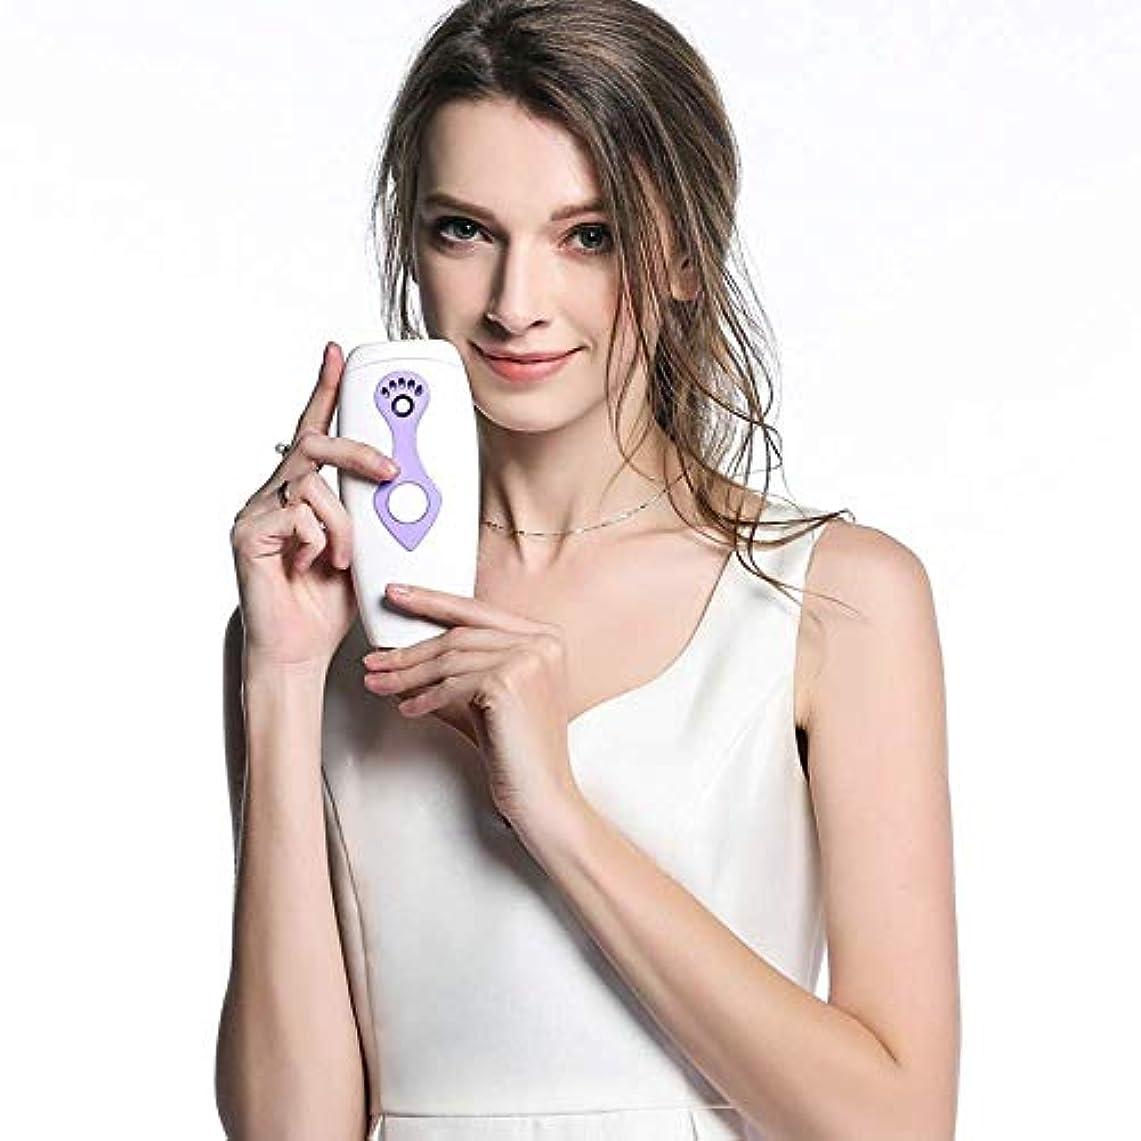 コンプライアンスアクセル割り当てTrliy- 電気レーザー脱毛器、女性および男性のための携帯用痛みのないシェーバーの永久的な毛の取り外しの器械を満たすIPL光子